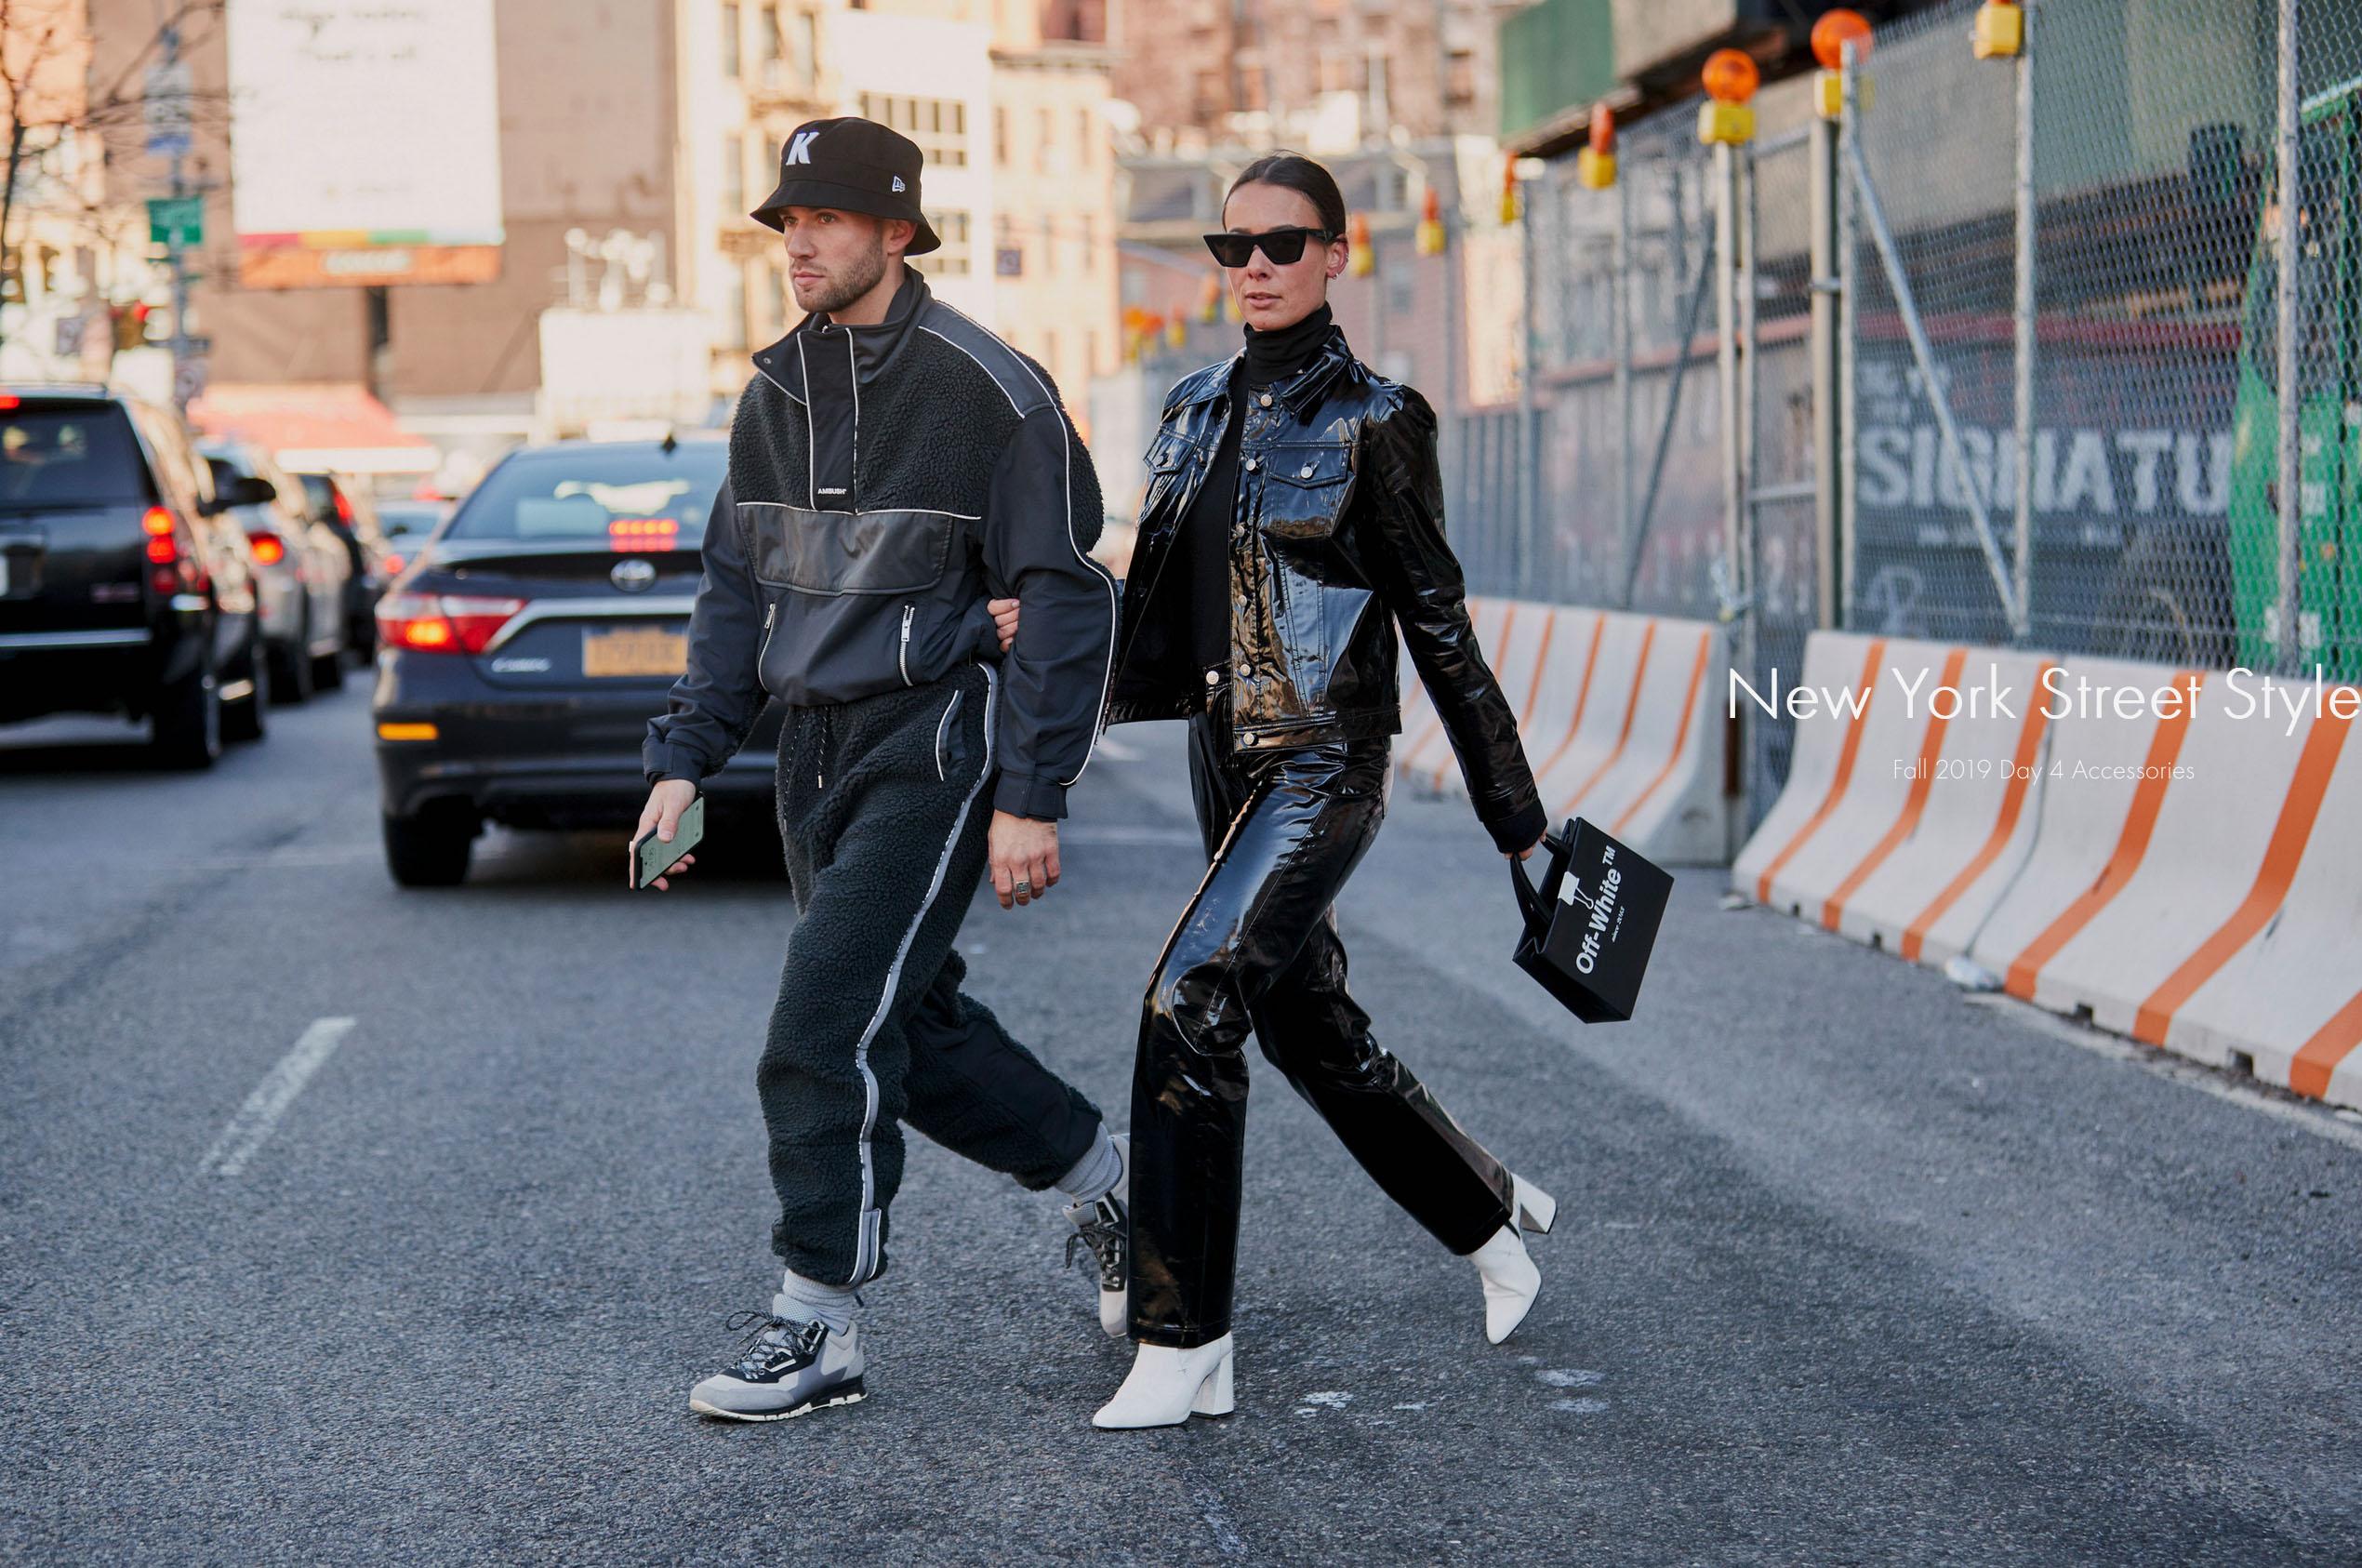 NYFW couple street style stars